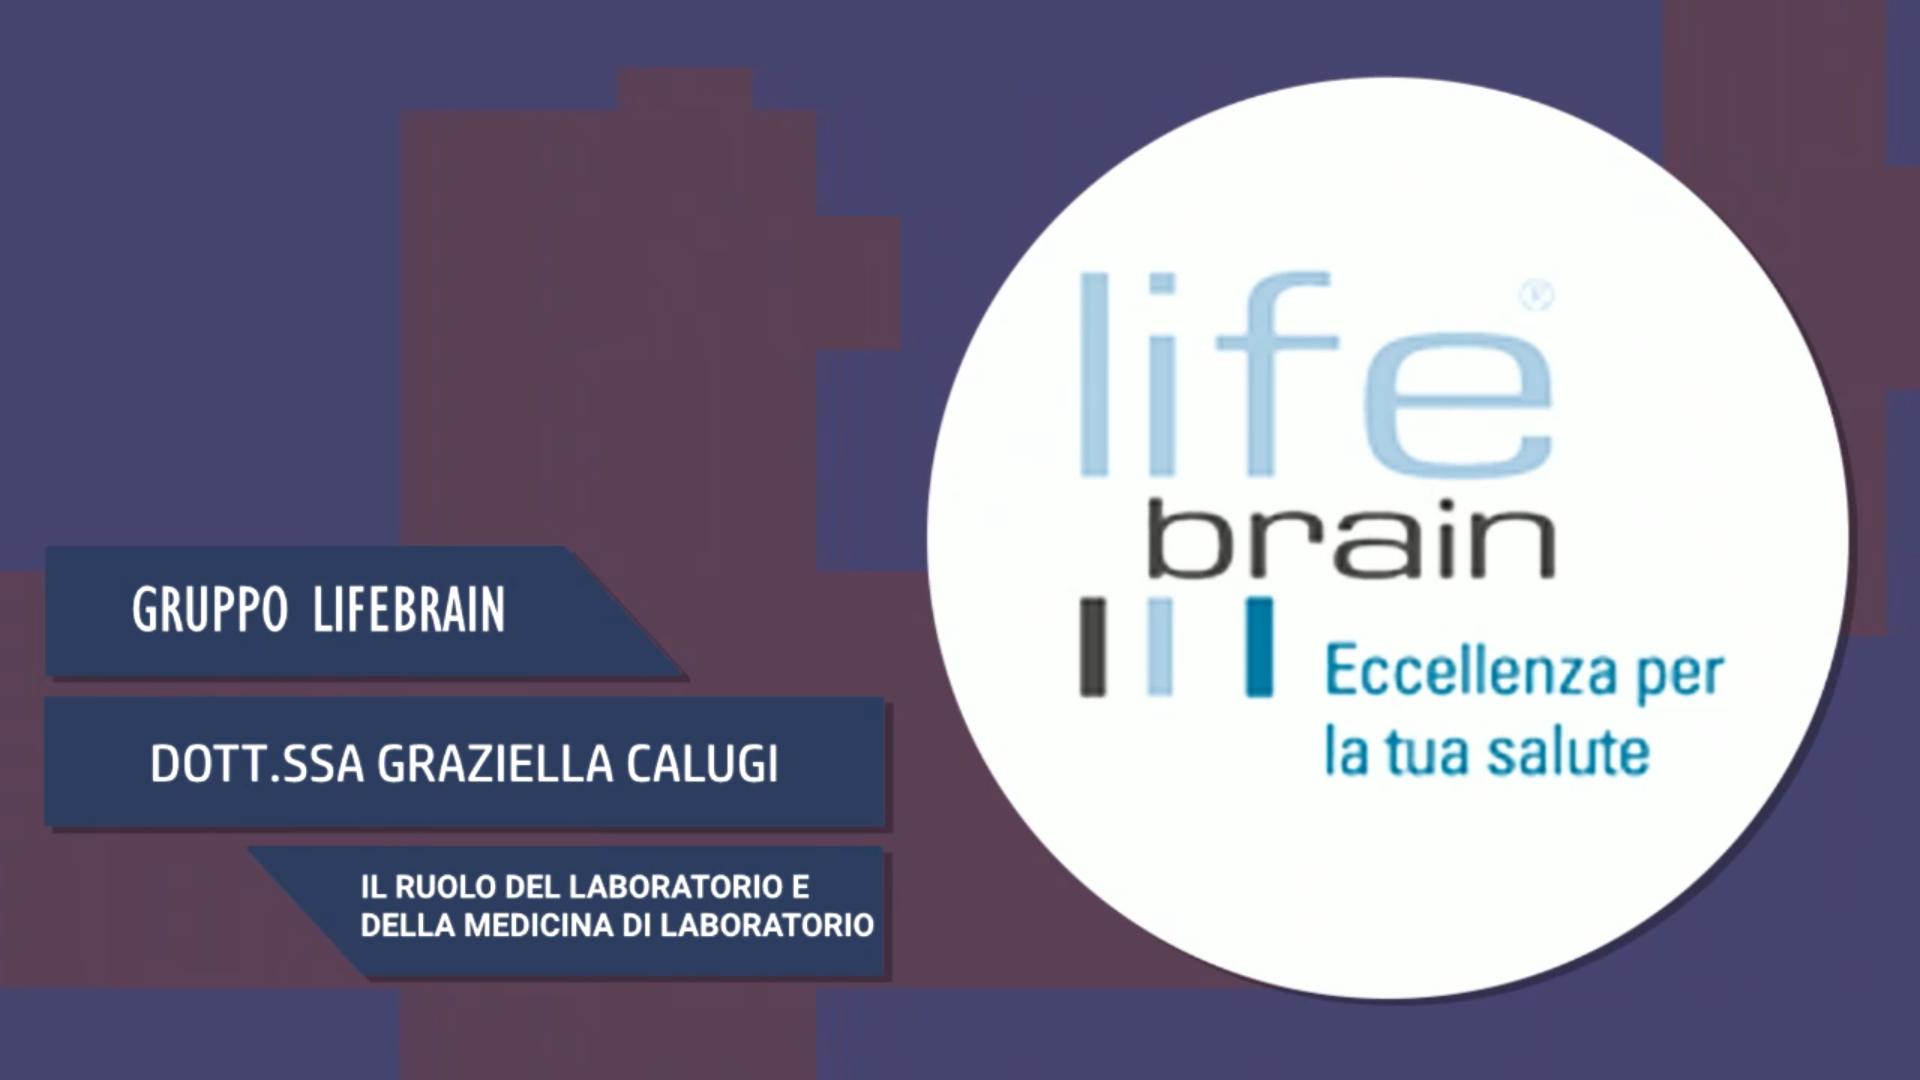 Intervista alla Dott.ssa Graziella Calugi – Il ruolo del laboratorio e della medicina di laboratorio